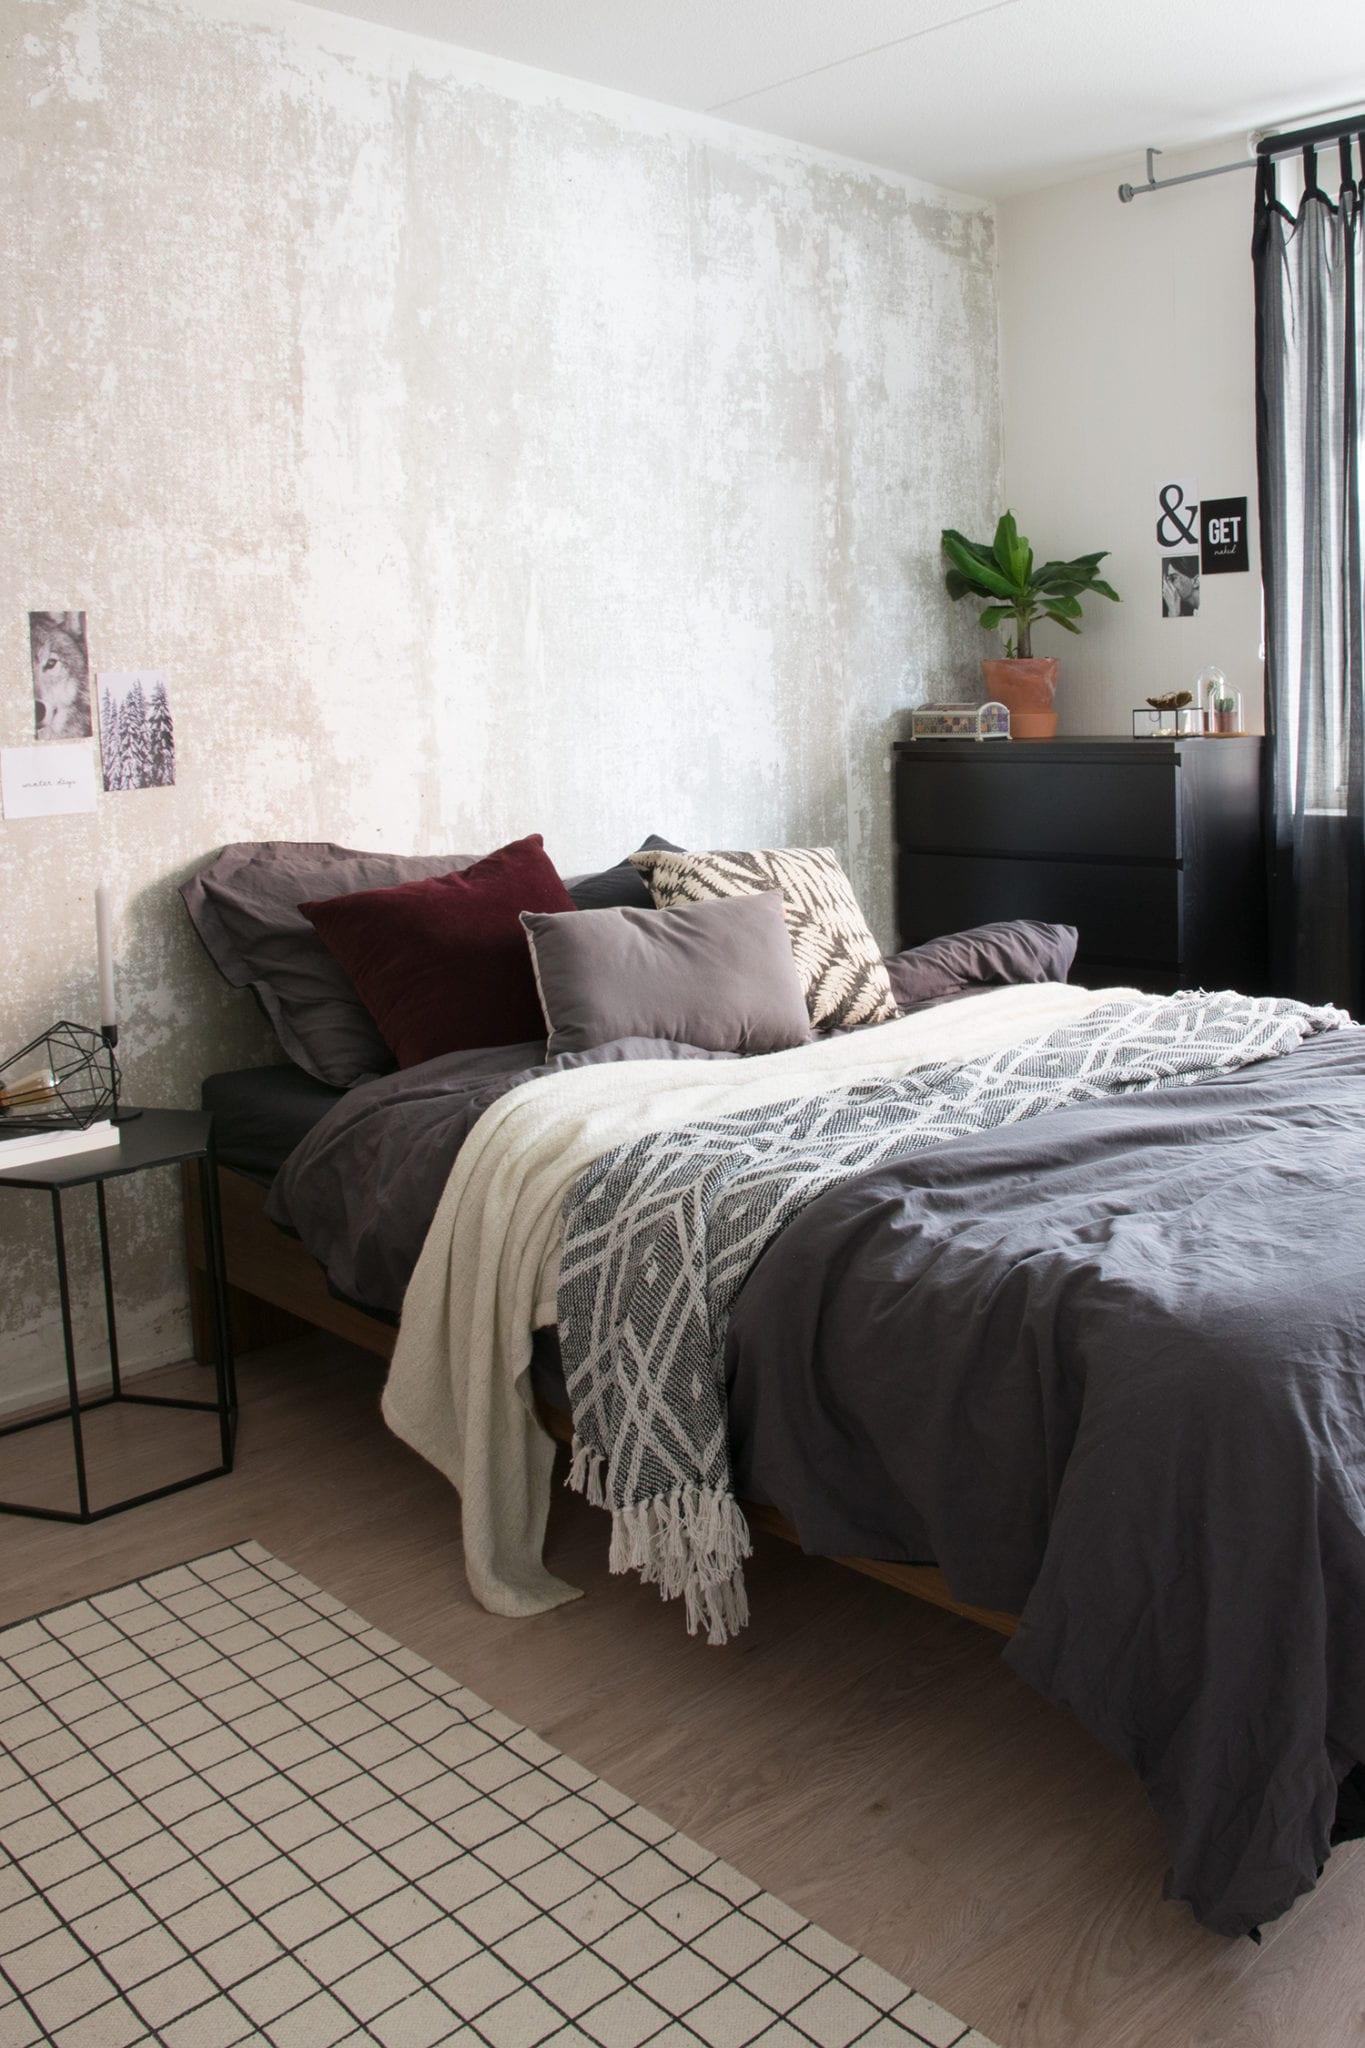 Binnenkijken bij Hilgré slaapkamer - Woontrendz